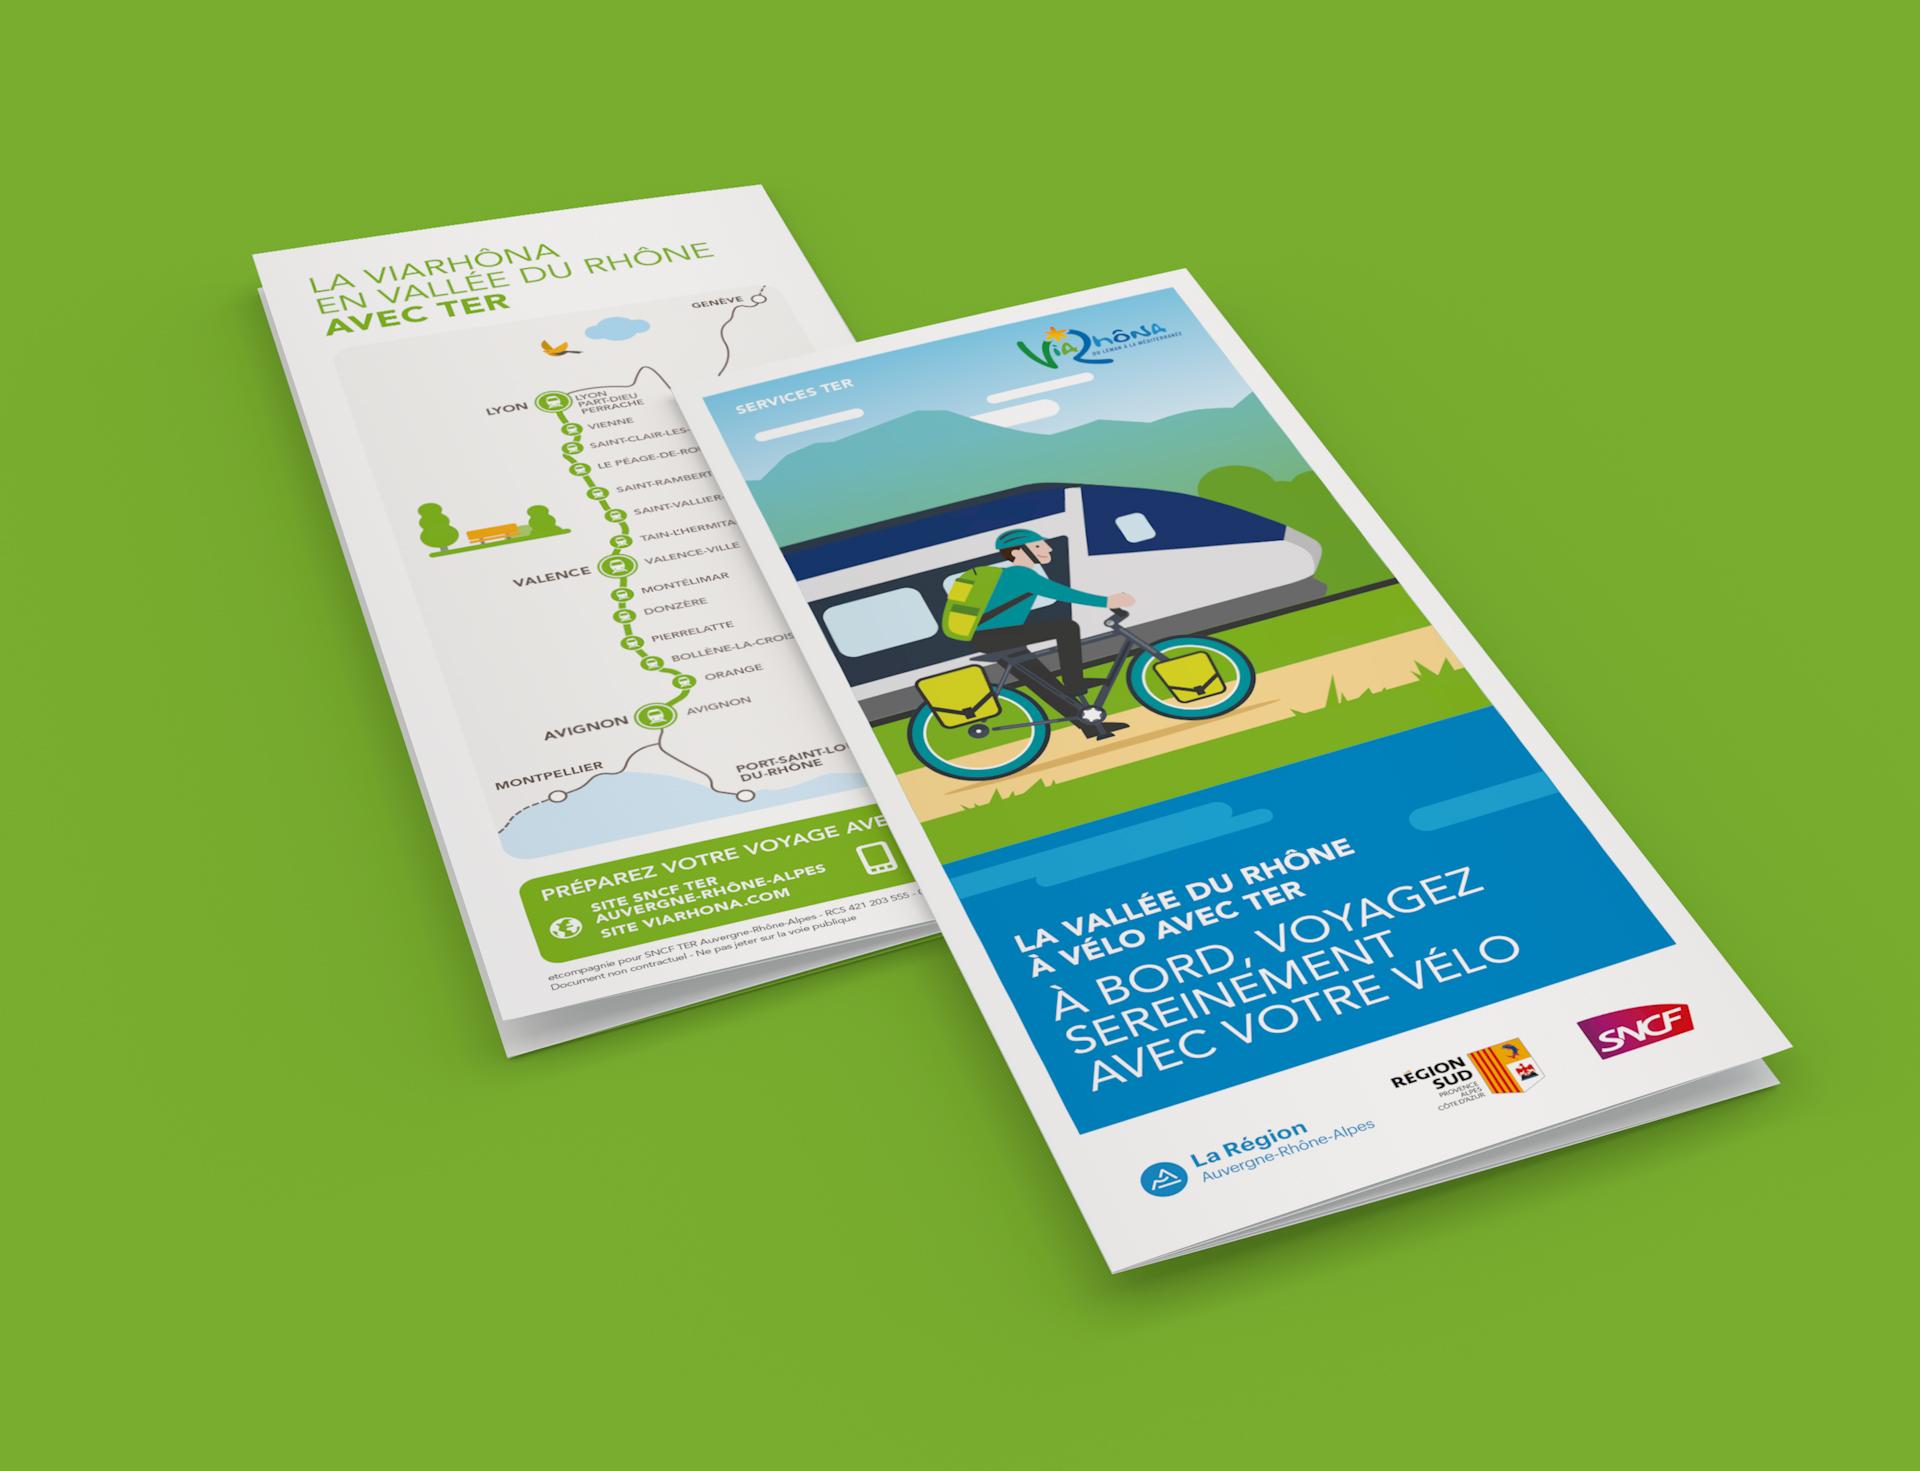 Dépliant sur l'itinéraire cyclable ViaRhôna avec horaires des TER en vallée du Rhône